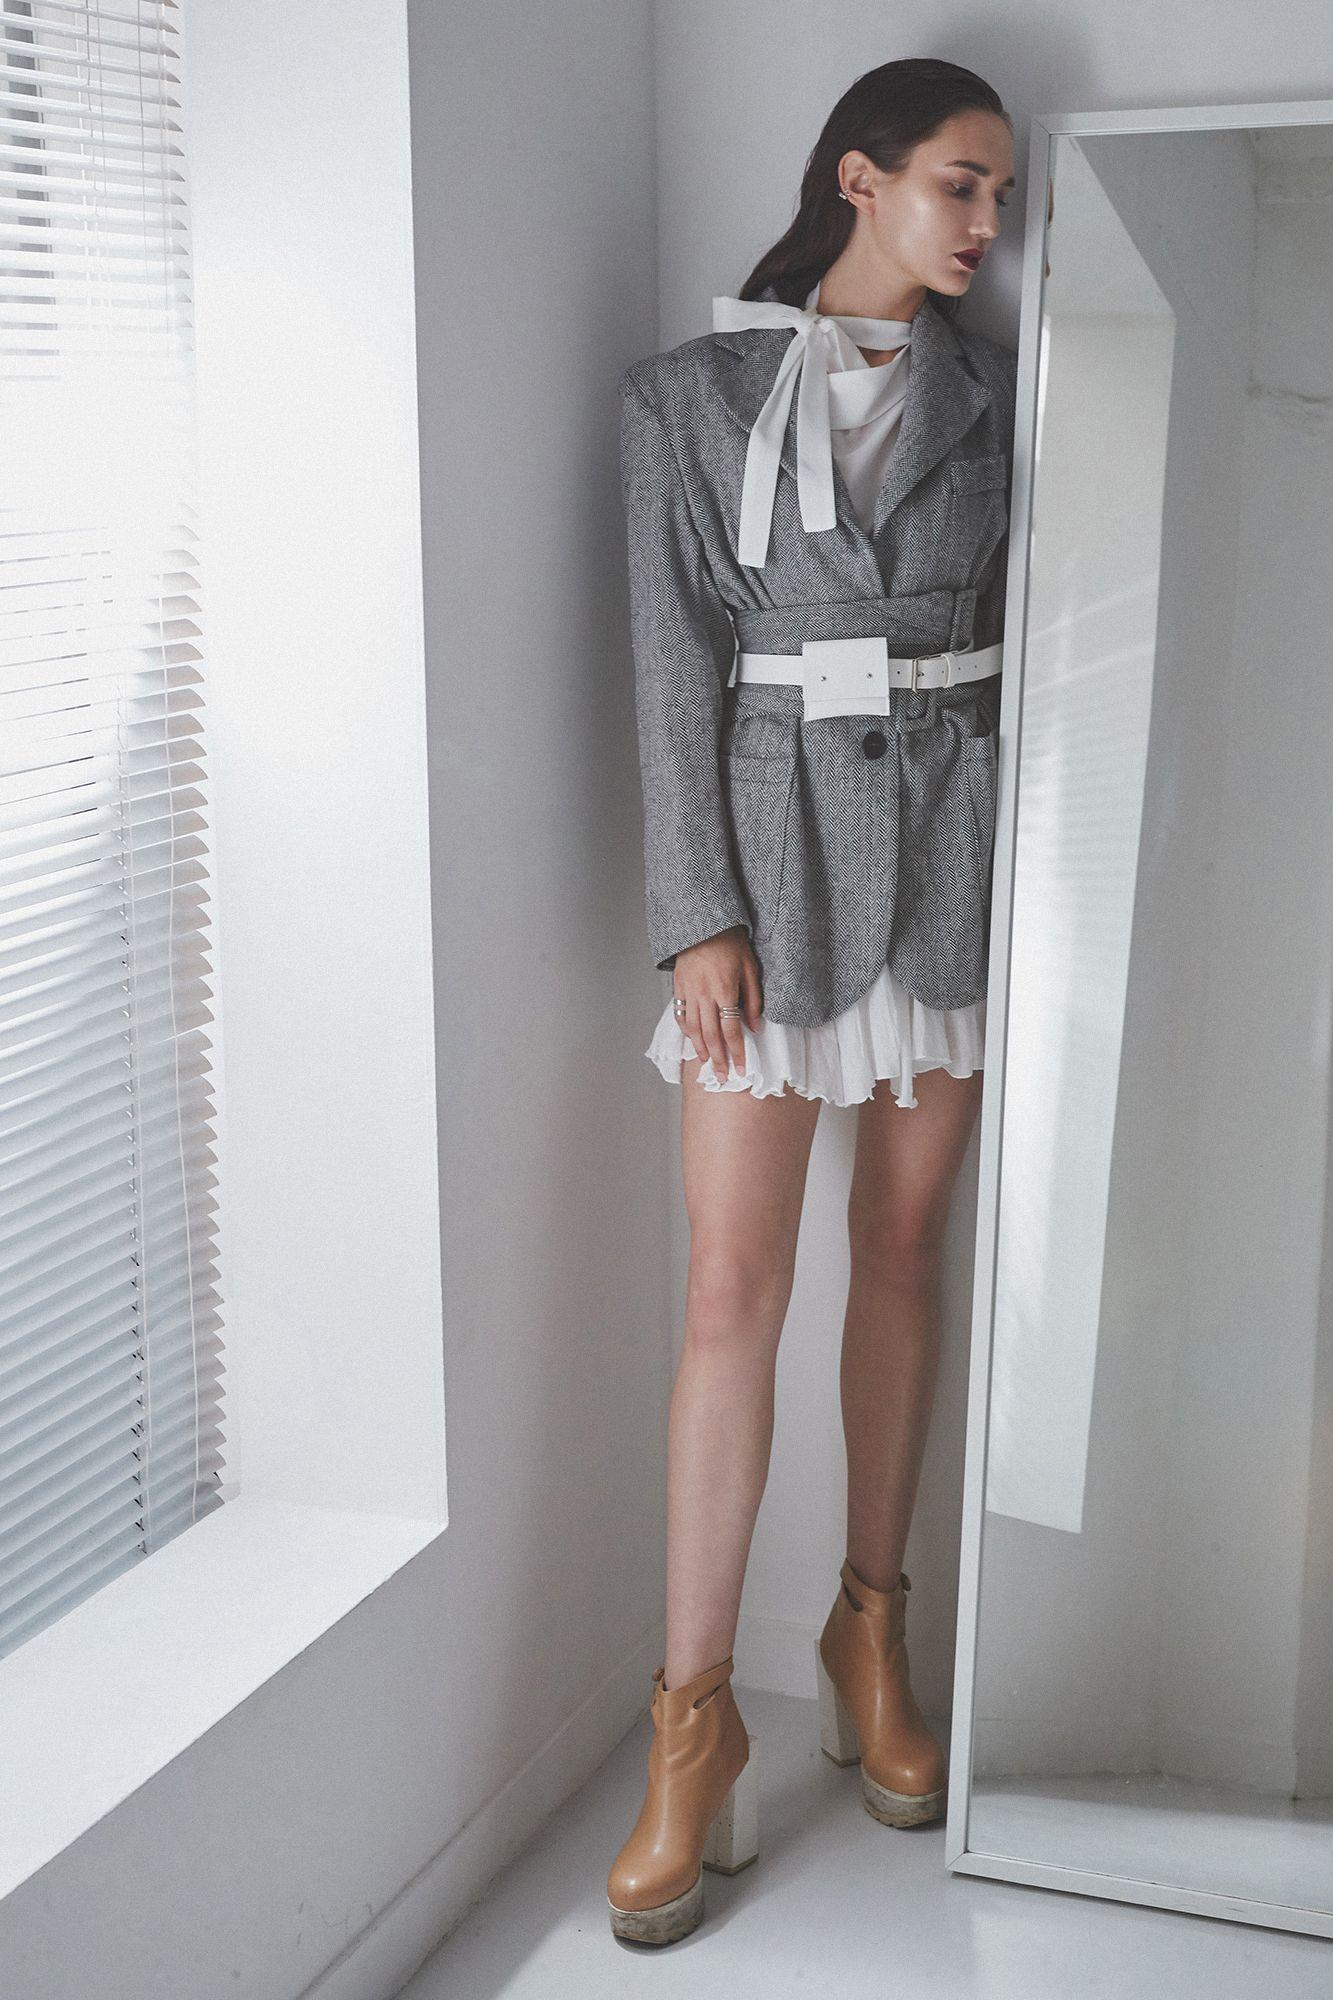 Webitorial: Vanity of Vanities All is Vanity | Fashion